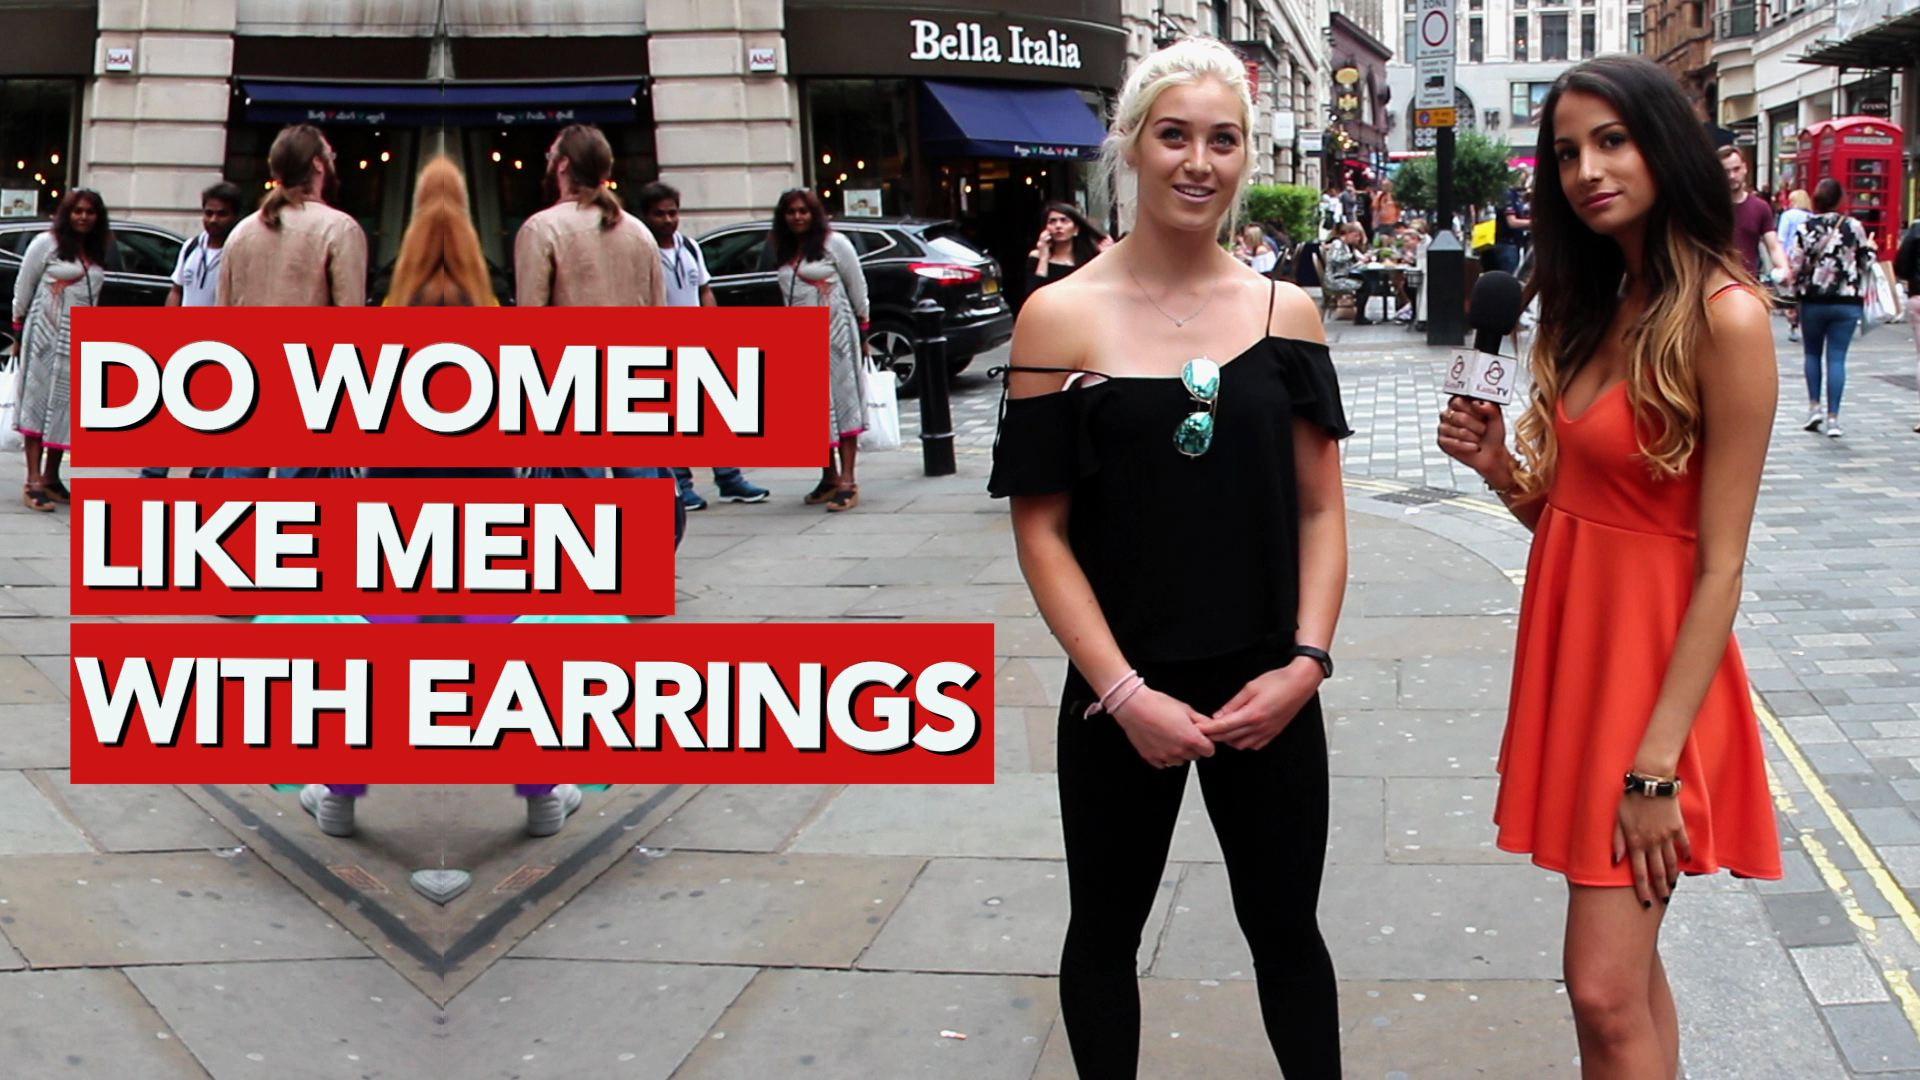 Why do men like women